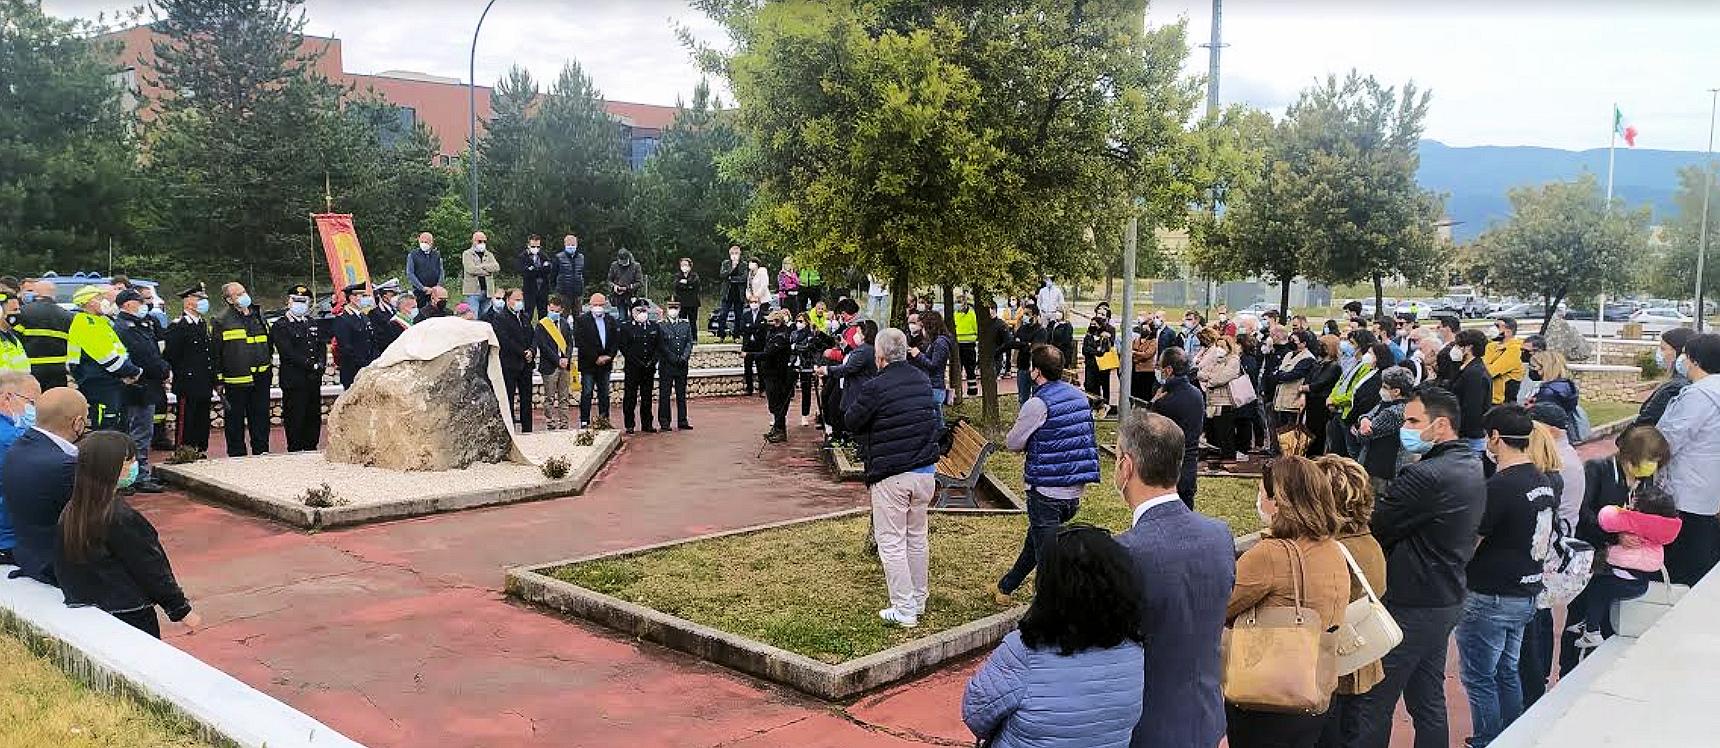 Tragedia Velino, il sindaco Di Pangrazio svela una targa in ricordo dei giovani